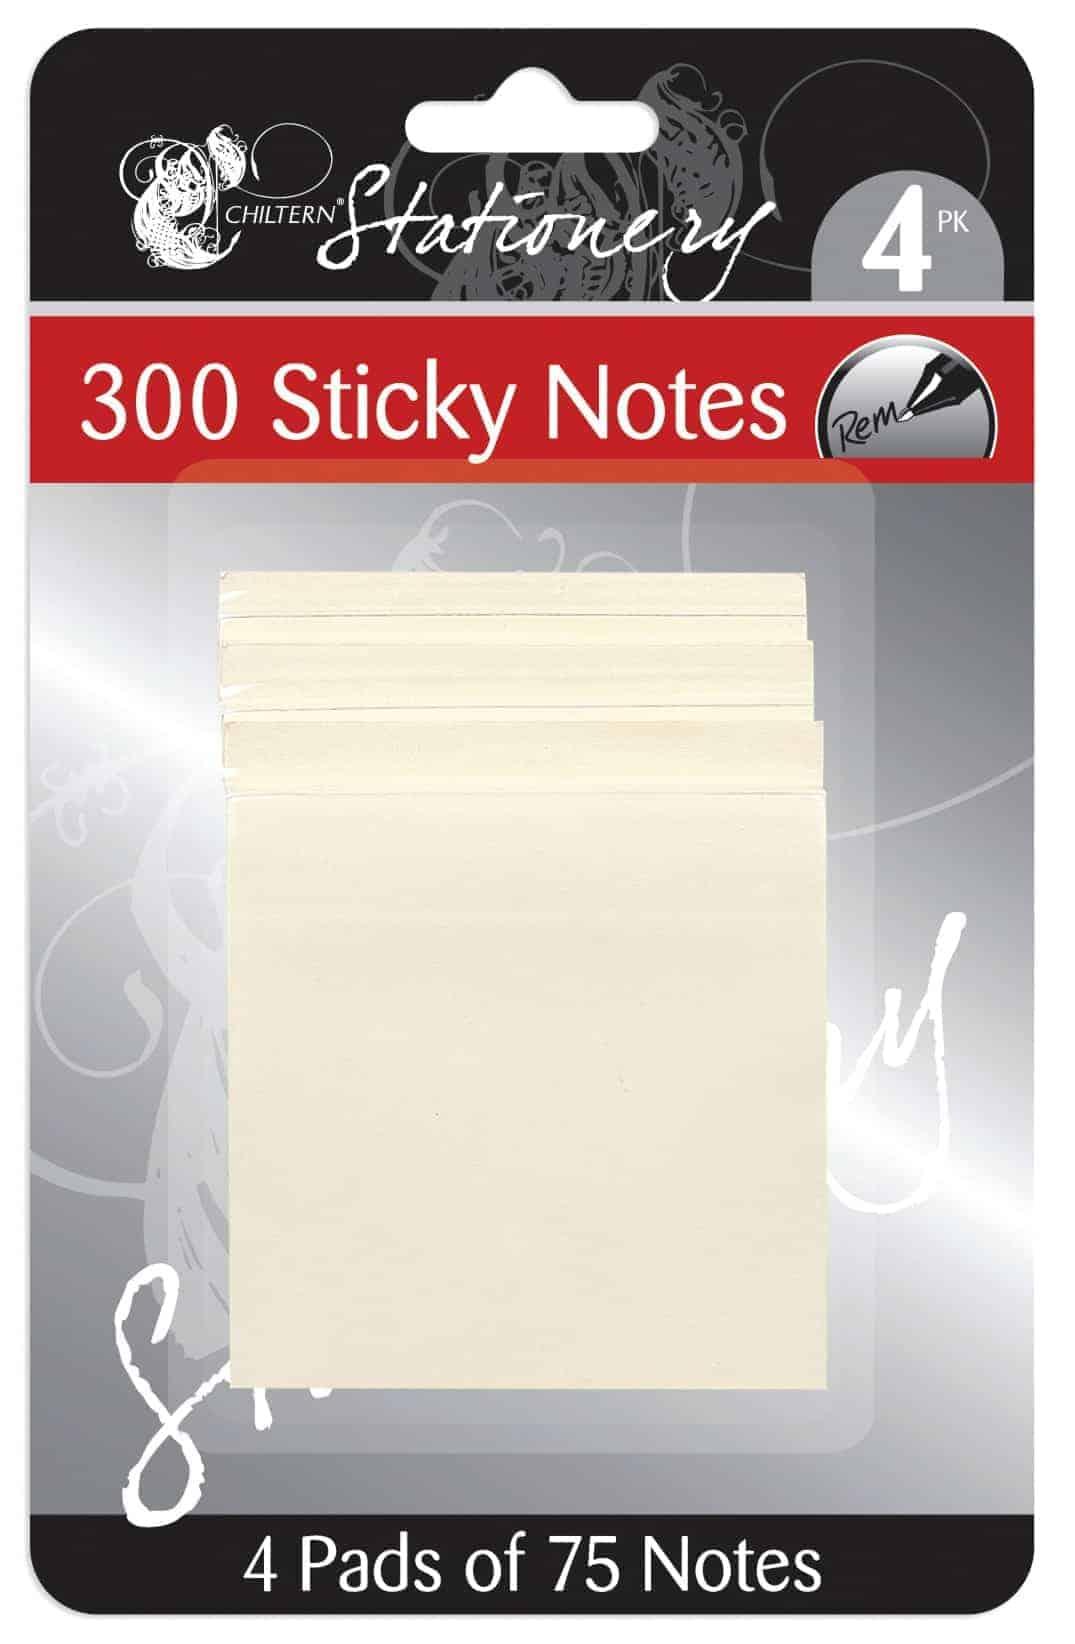 Chiltern Stationery Sticky Notes-300Pk